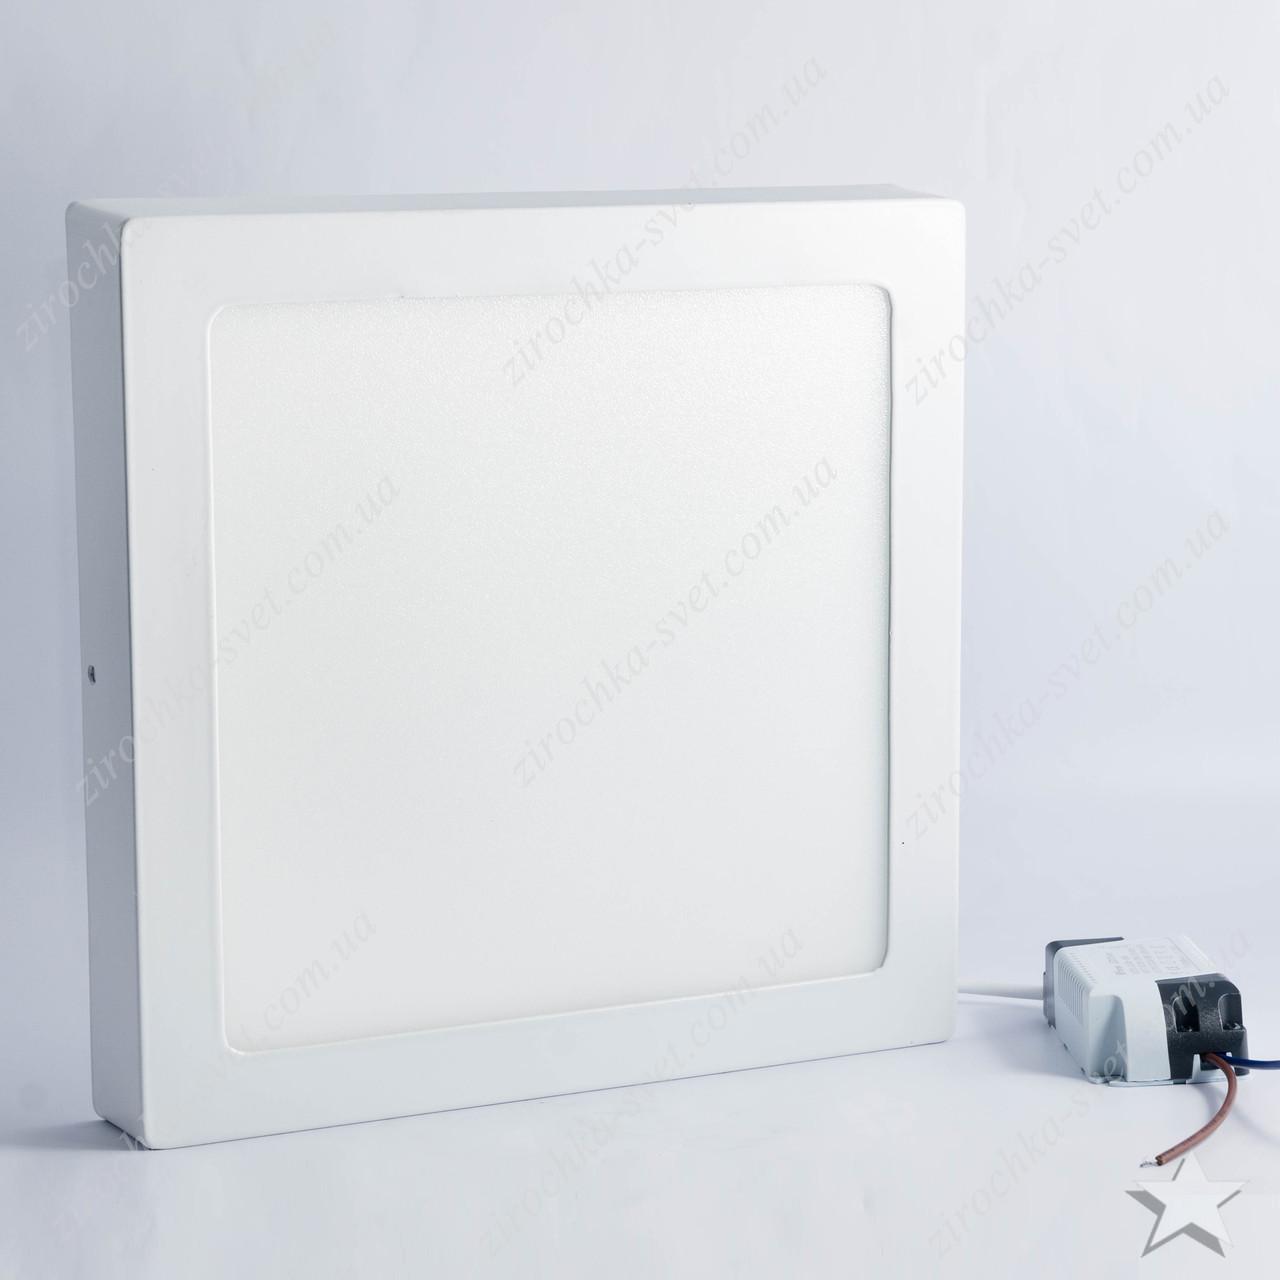 Накладной светодиодный светильник квадрат 18w Feron AL505 1440Lm 5000K